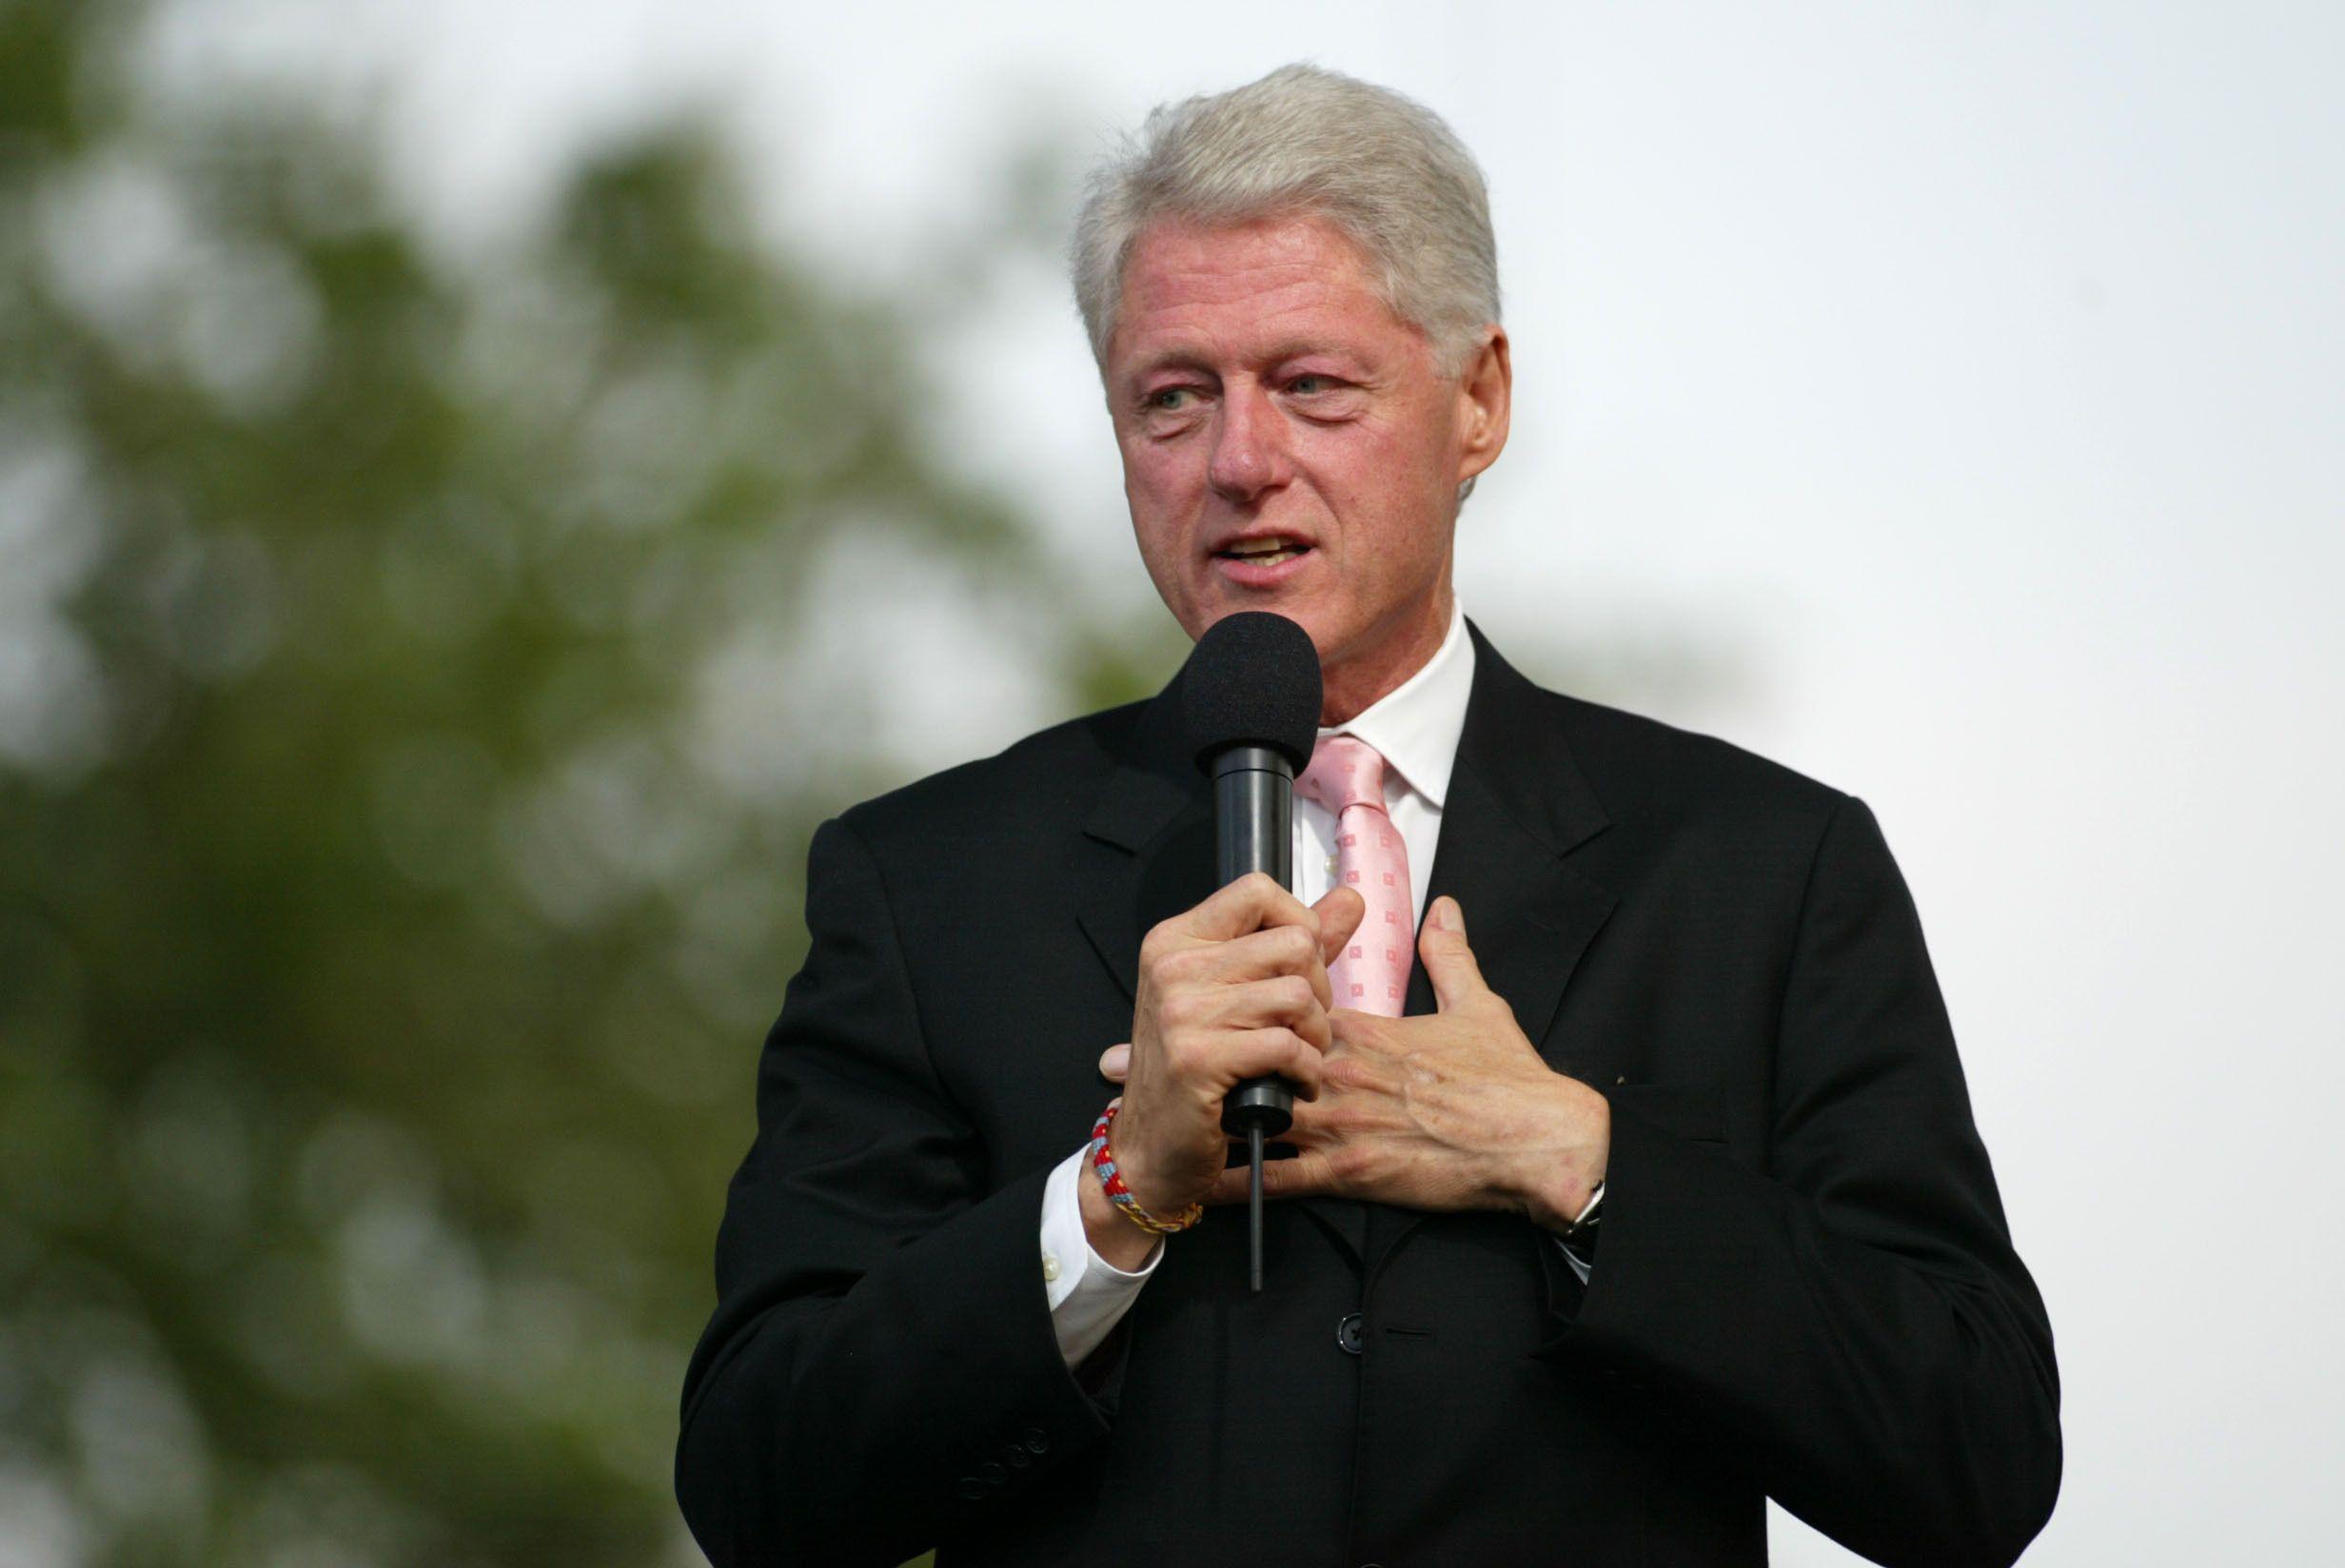 12. Bill Clinton